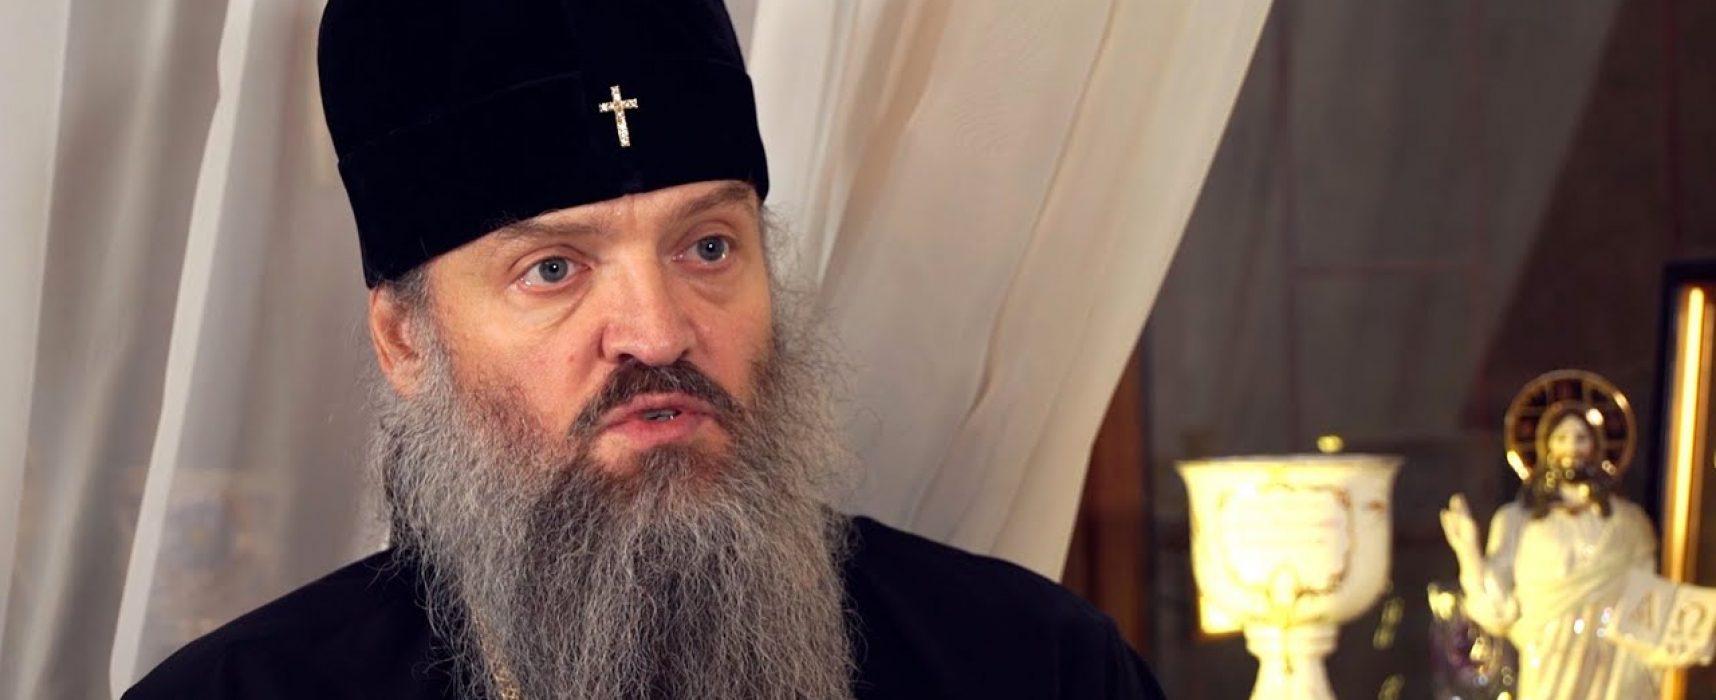 Московская патриархия жестко раскритиковала украинский закон «против семейных ценностей». Но его не существует